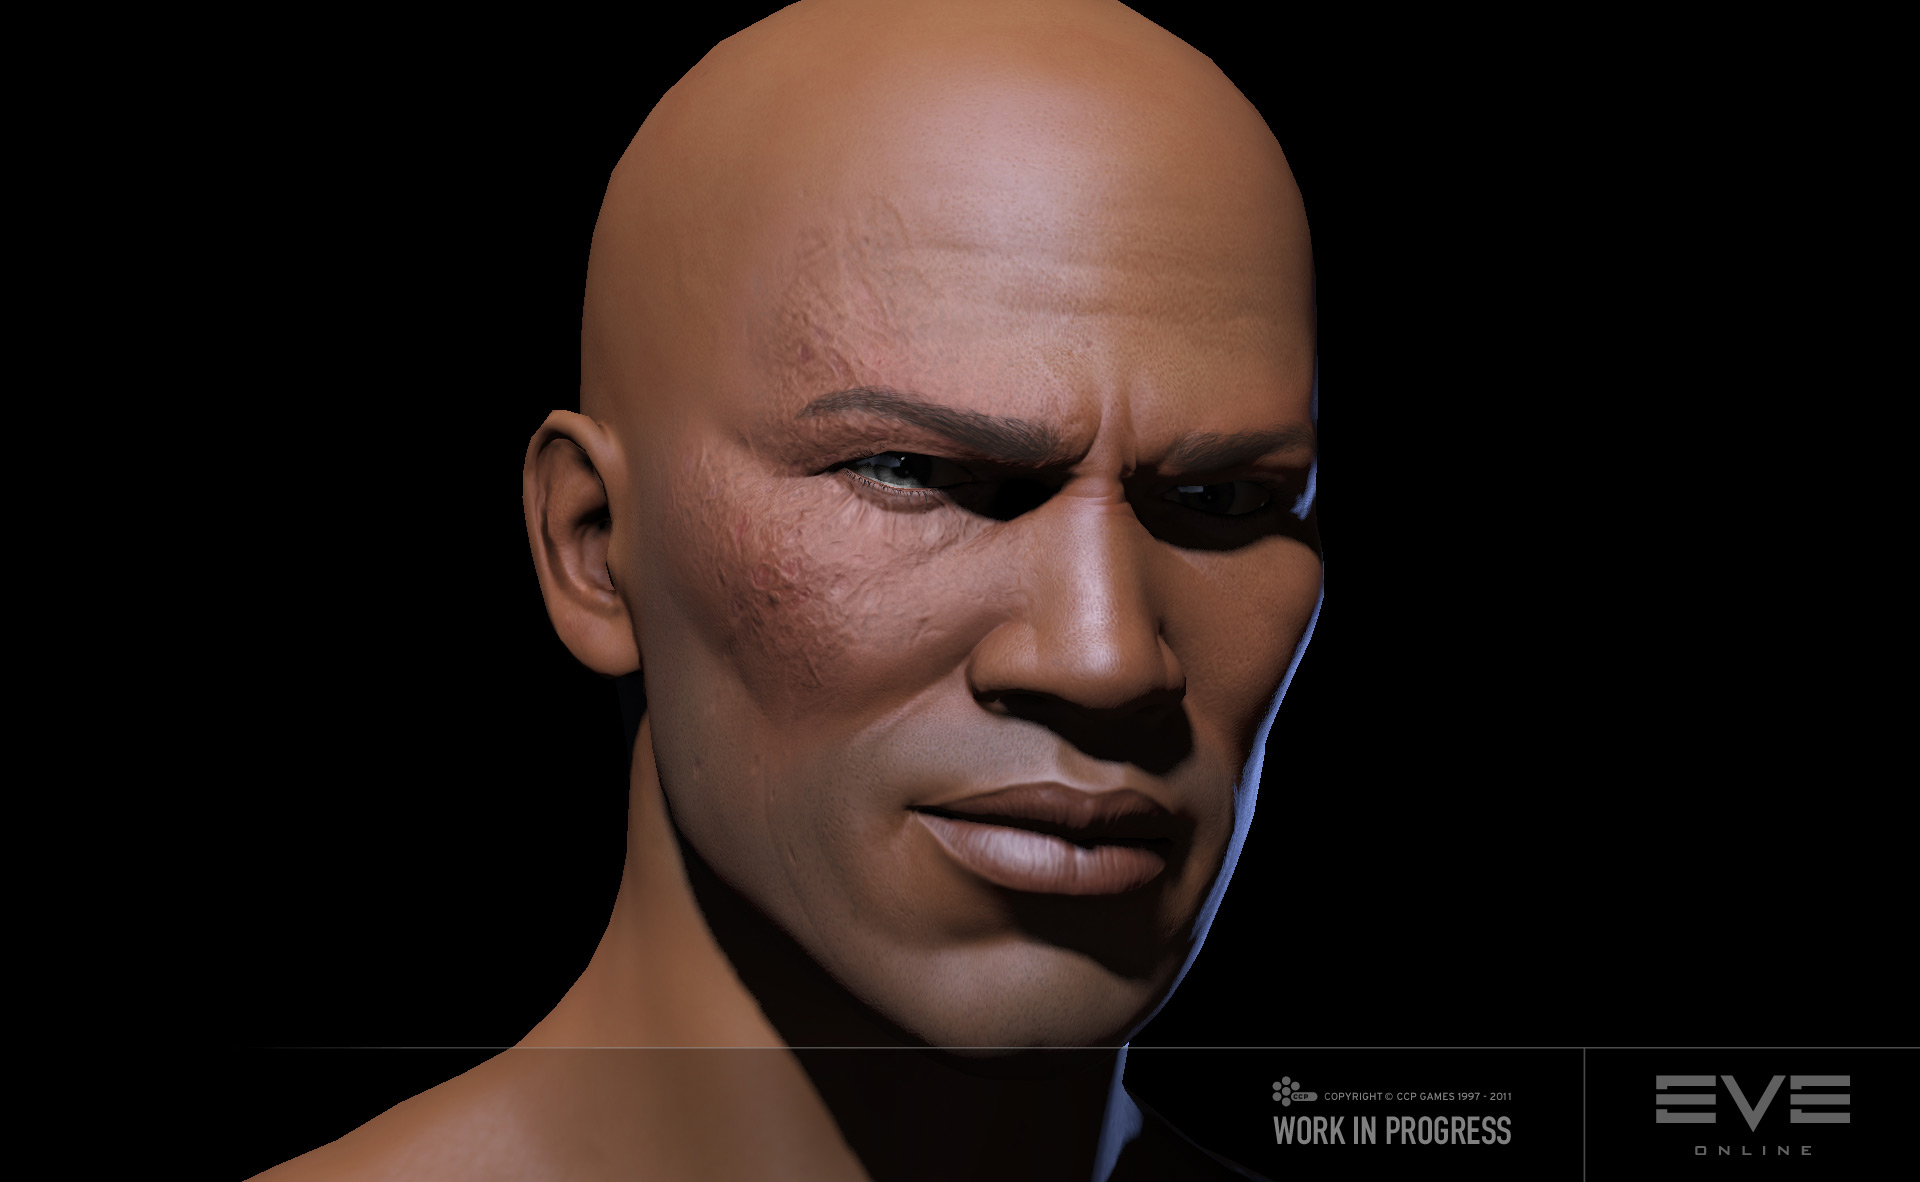 Badass face scar